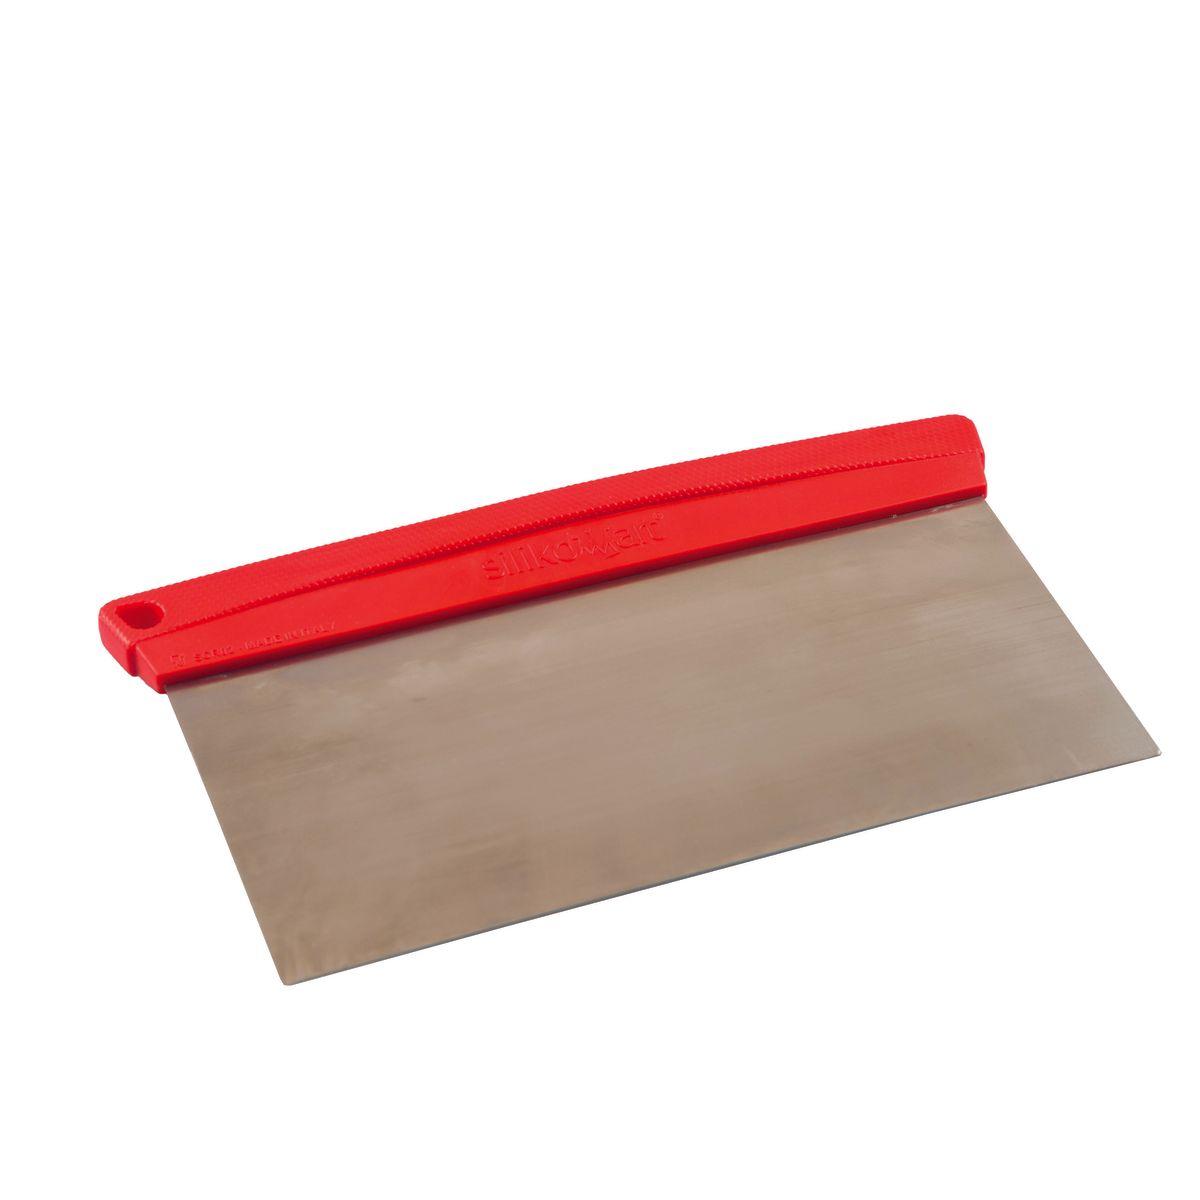 Racloir en acier et plastique rouge 19cm - Silikomart